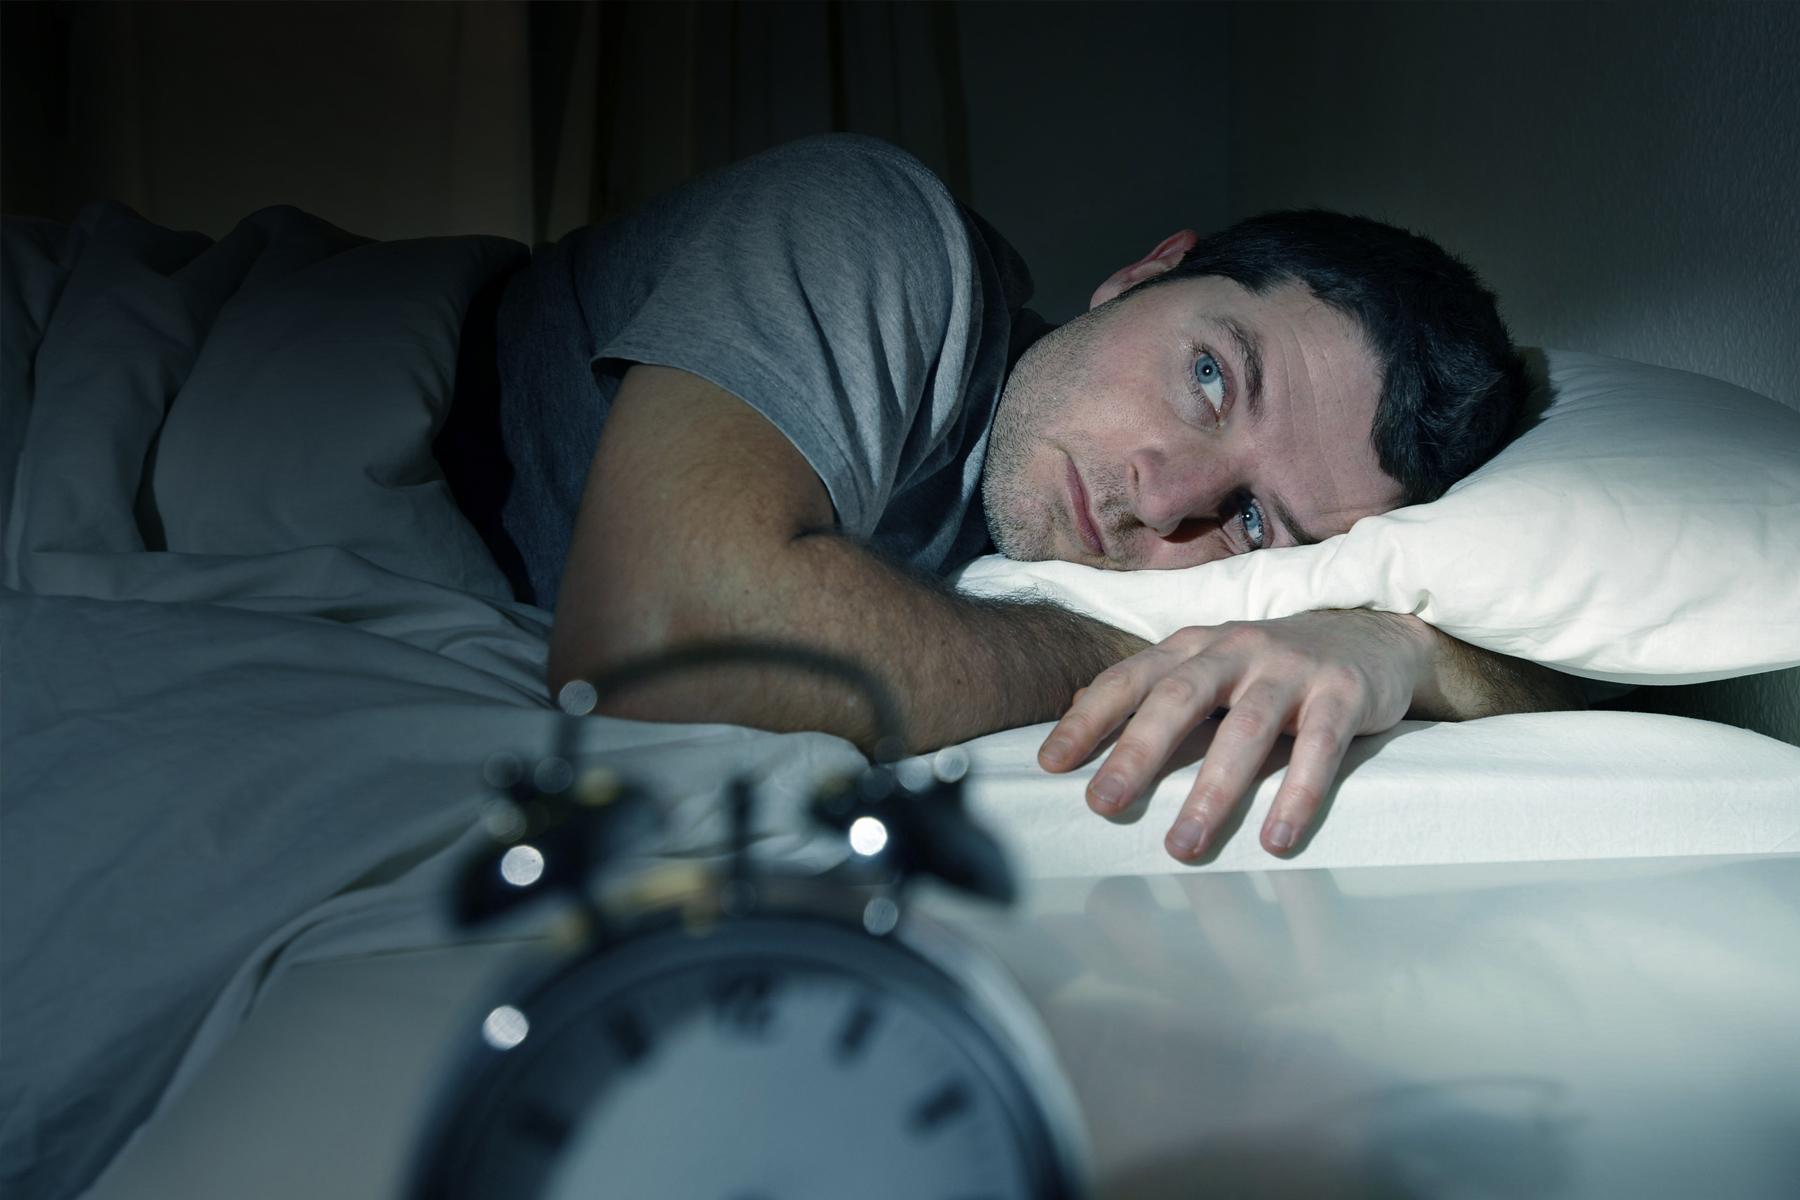 راهکار های استراحت و خواب عمیق برای زمانی که مشغله ذهنی دارید